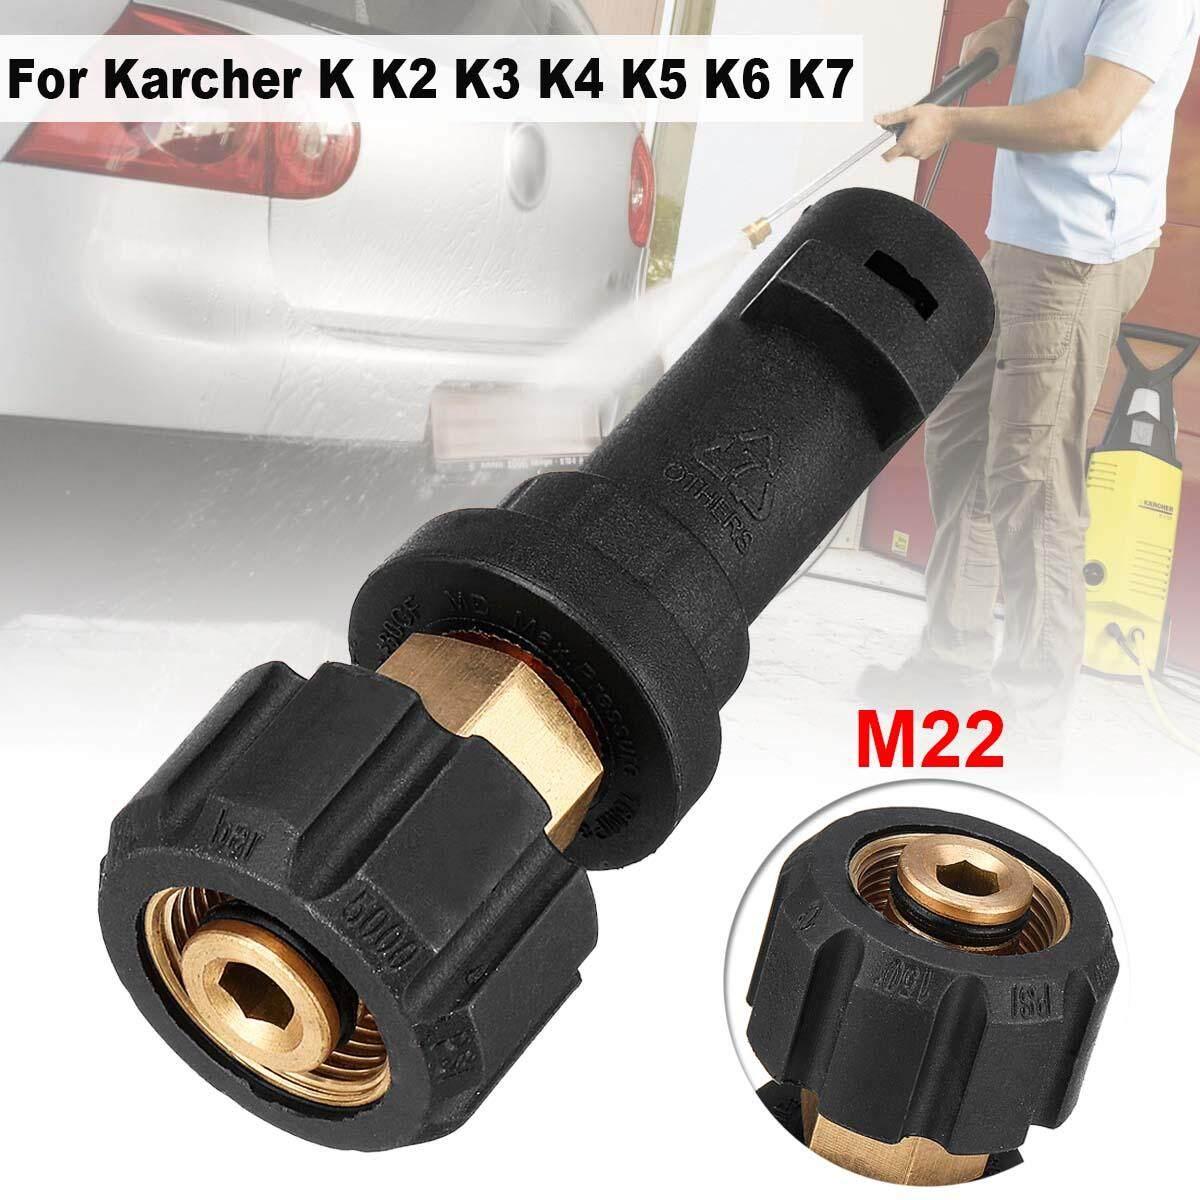 Máy Bay Phản Lực Rửa M22 Nữ Chuyển Đổi Lắp Cho Karcher K K2 K3 K4 K5 K6 K7